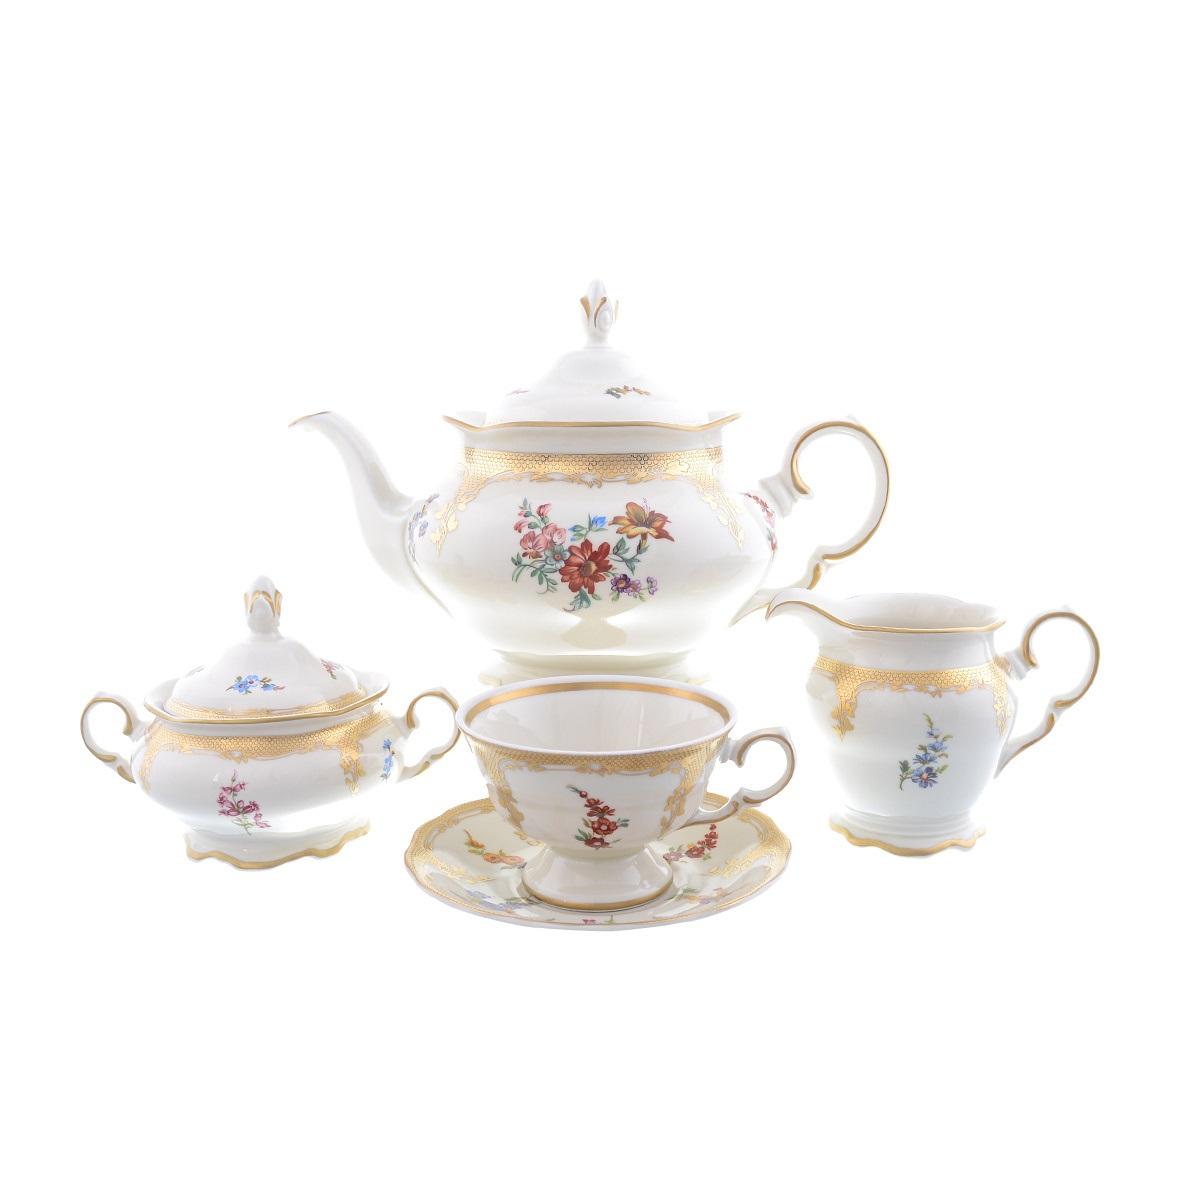 Чайный сервиз АЛЯСКА МЕЛКИЕ ЦВЕТЫ, слоновая кость, от Carlsbad на 6 персон, 17 предметов